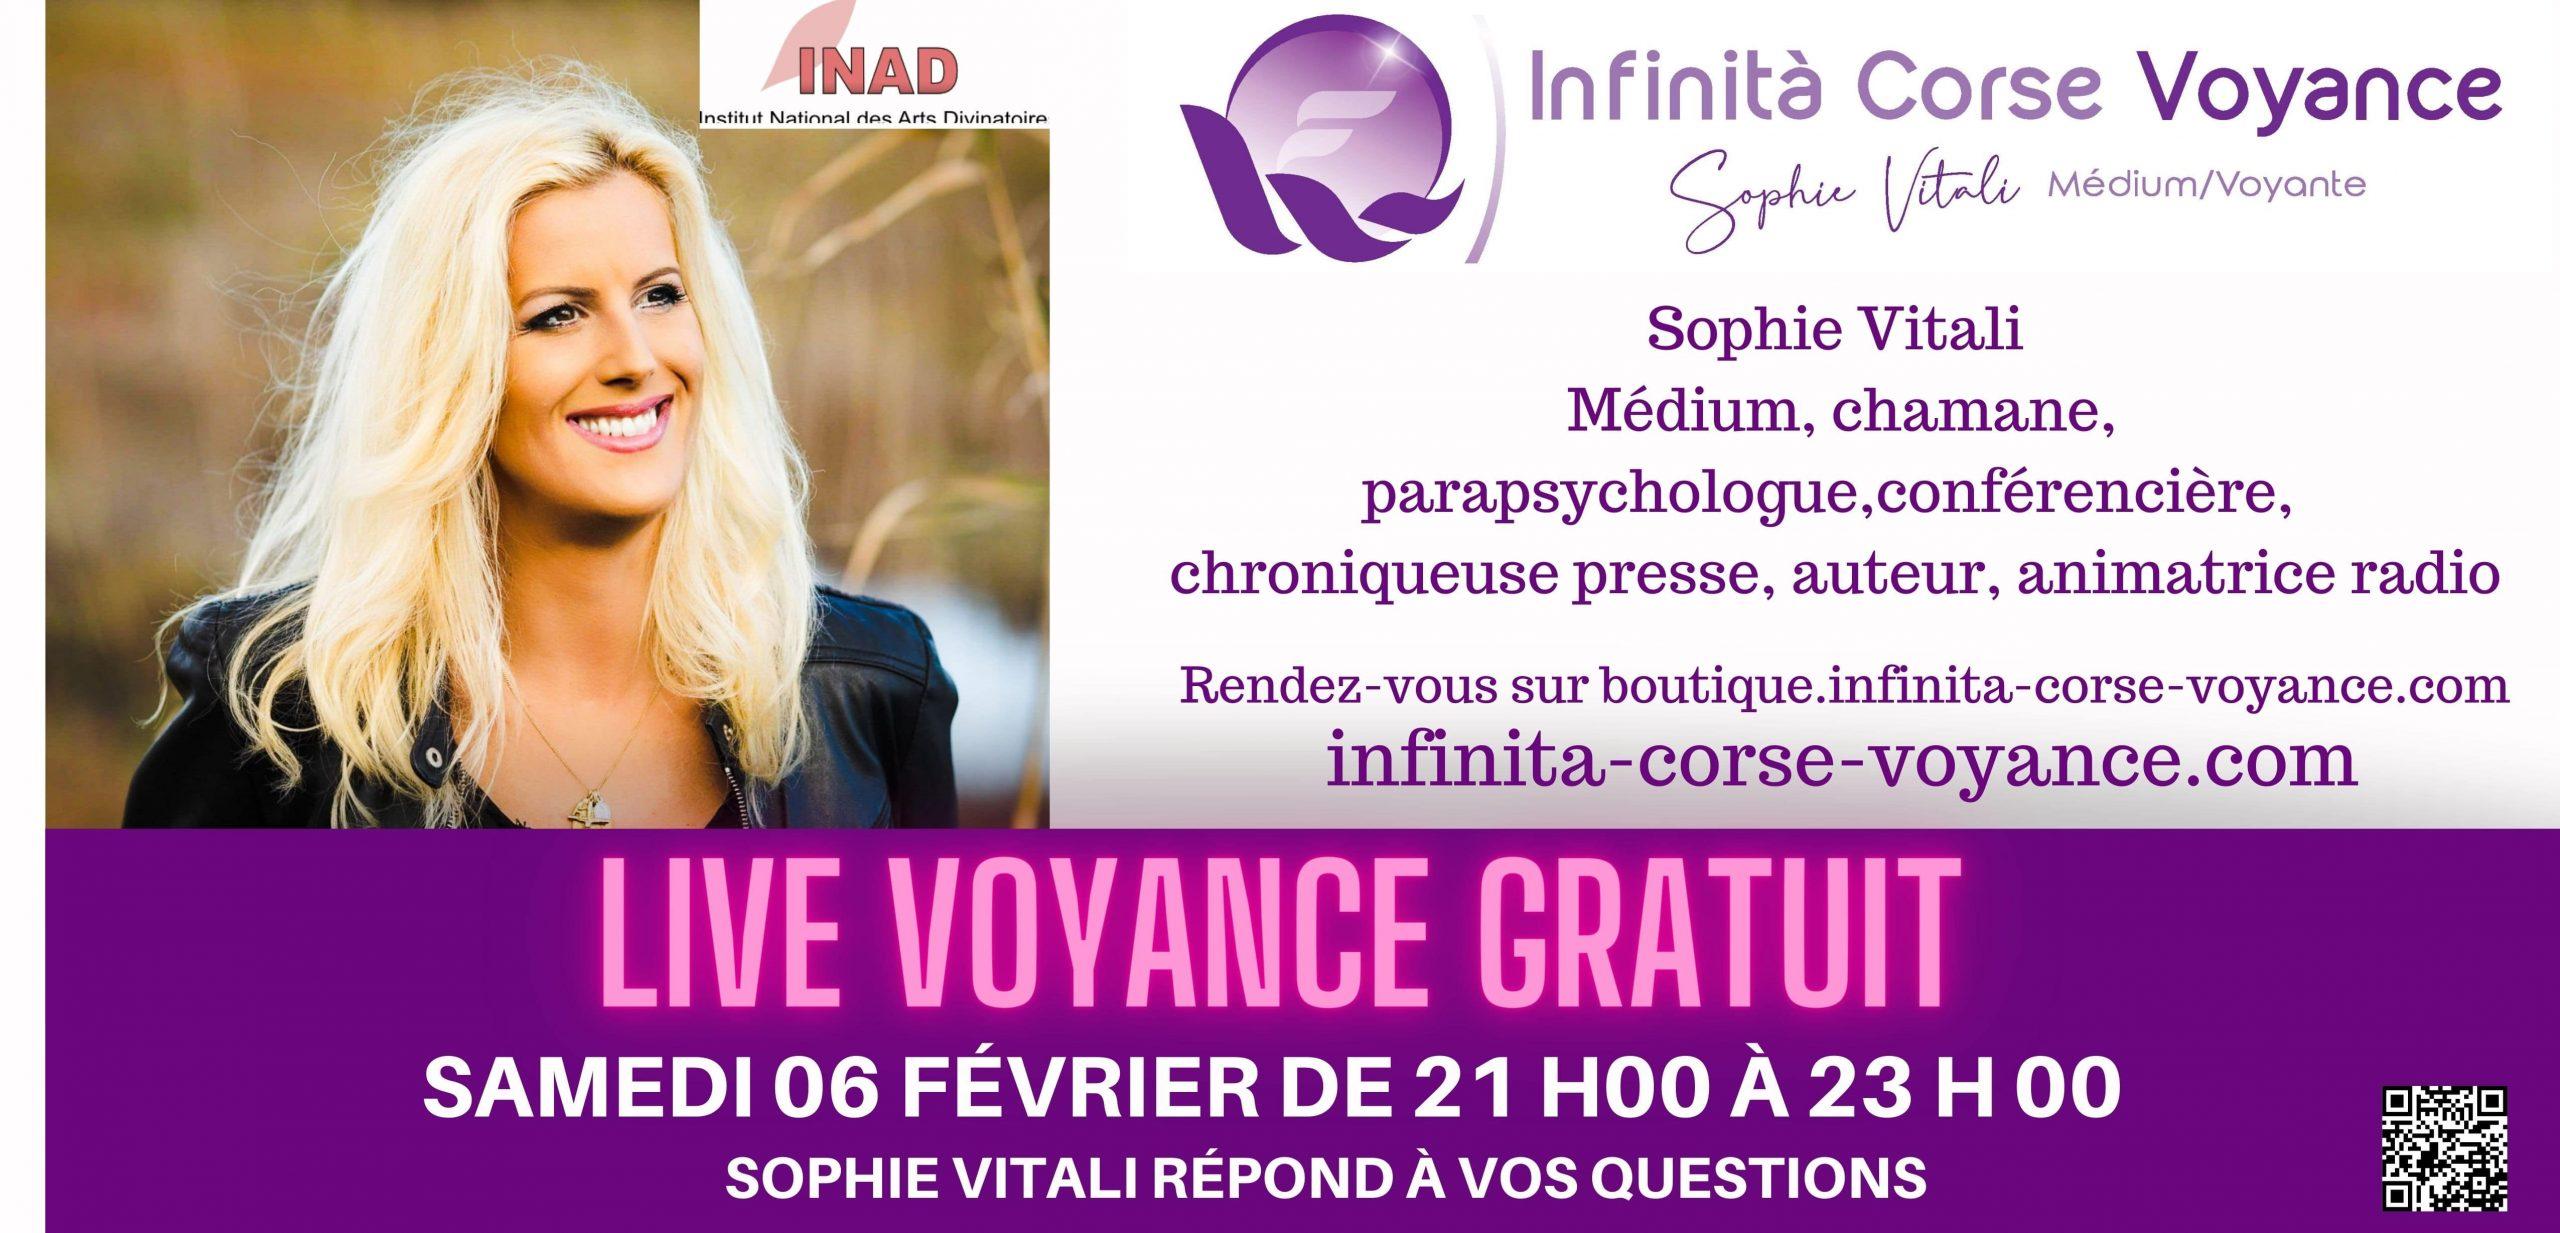 Sophie Vitali médium et voyante corse en live voyance gratuit sur Facebook le 06.02.2021